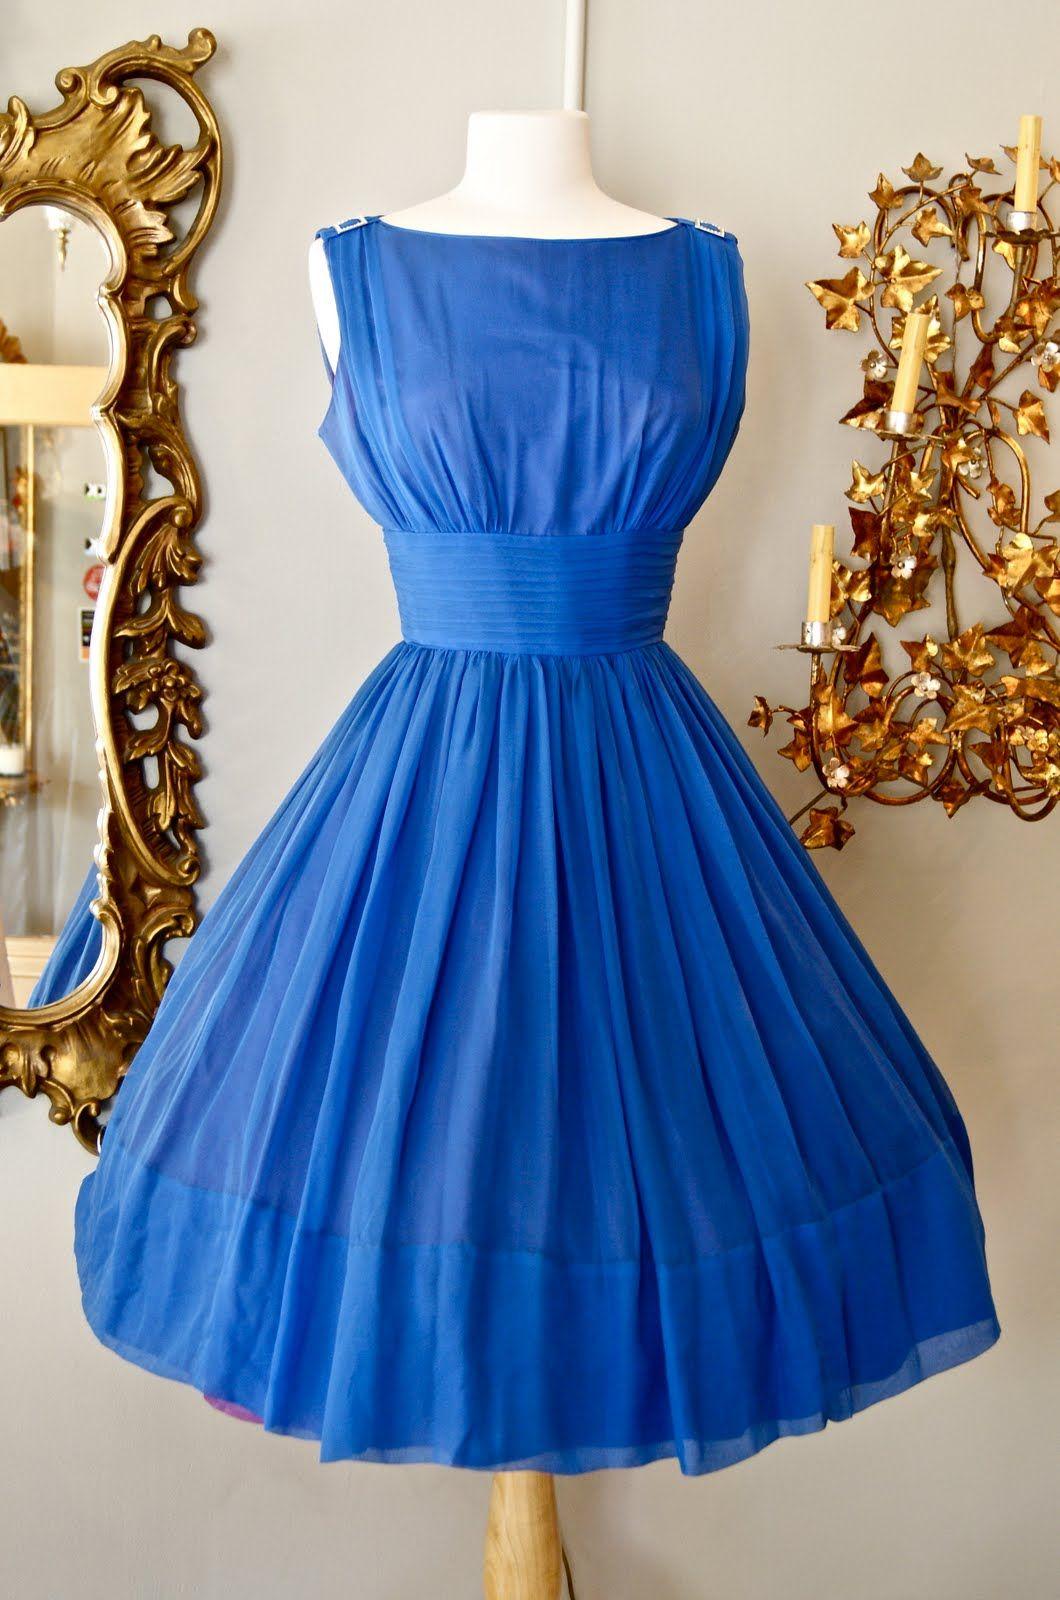 Bm Dress Idea Cocktail Dress Vintage Vintage Clothing Boutique Dresses [ 1600 x 1060 Pixel ]